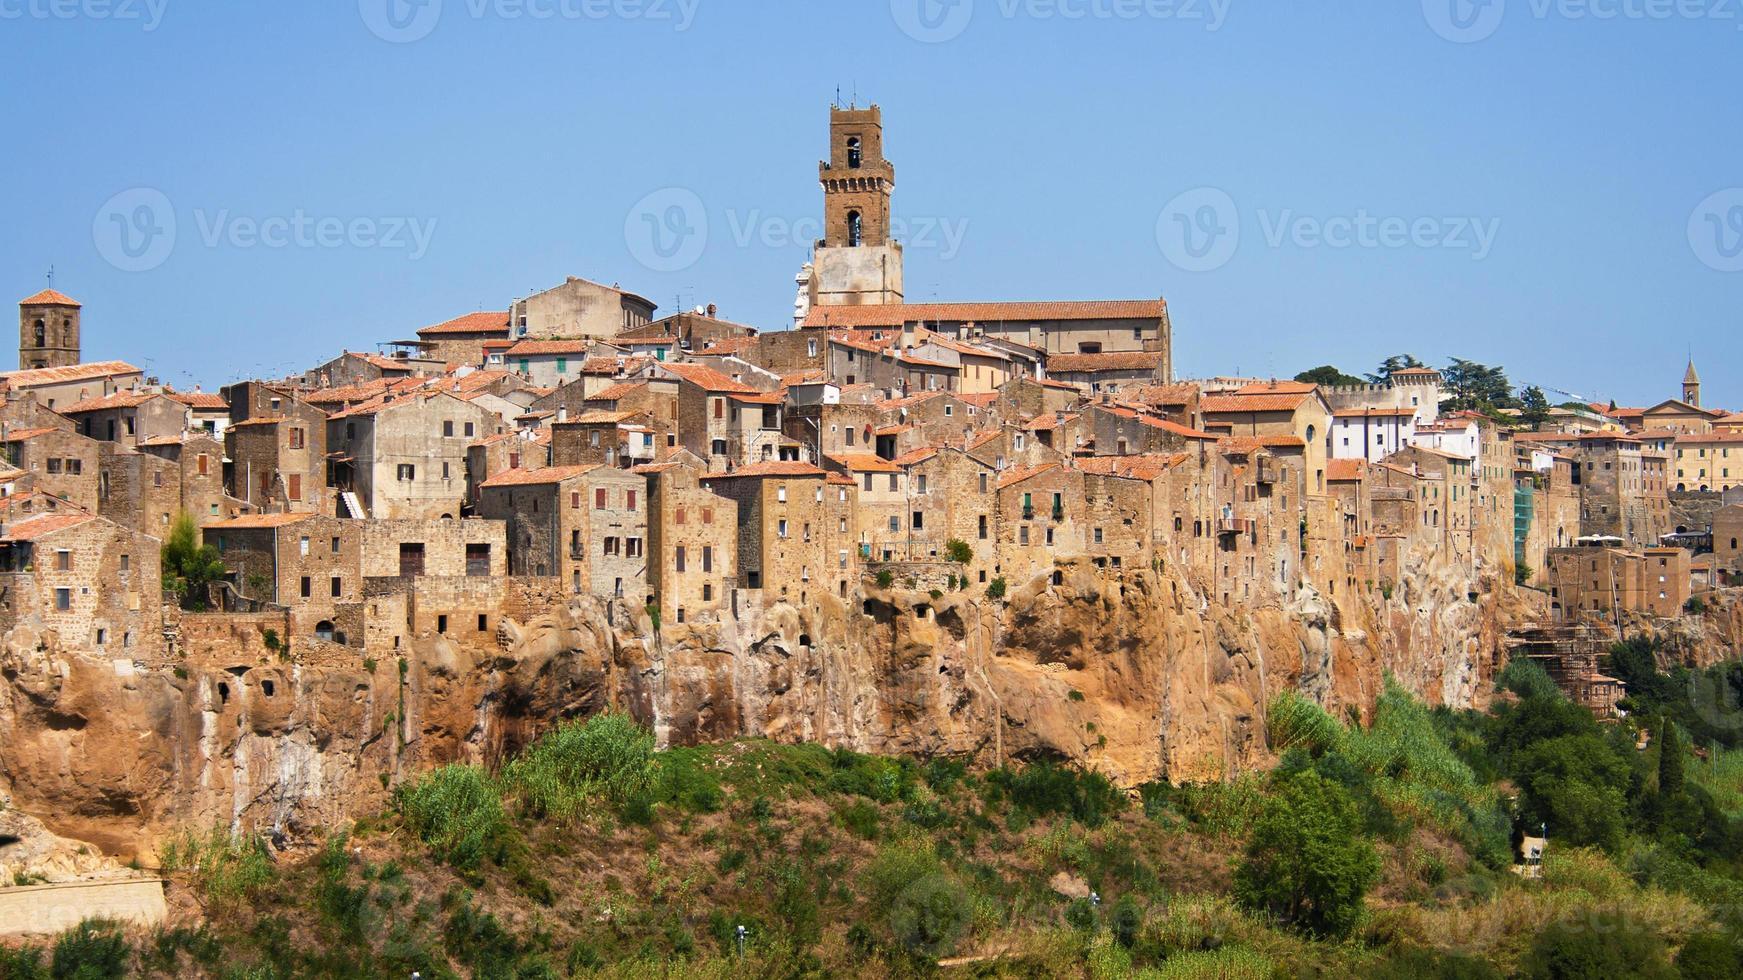 Village of Pitigliano photo